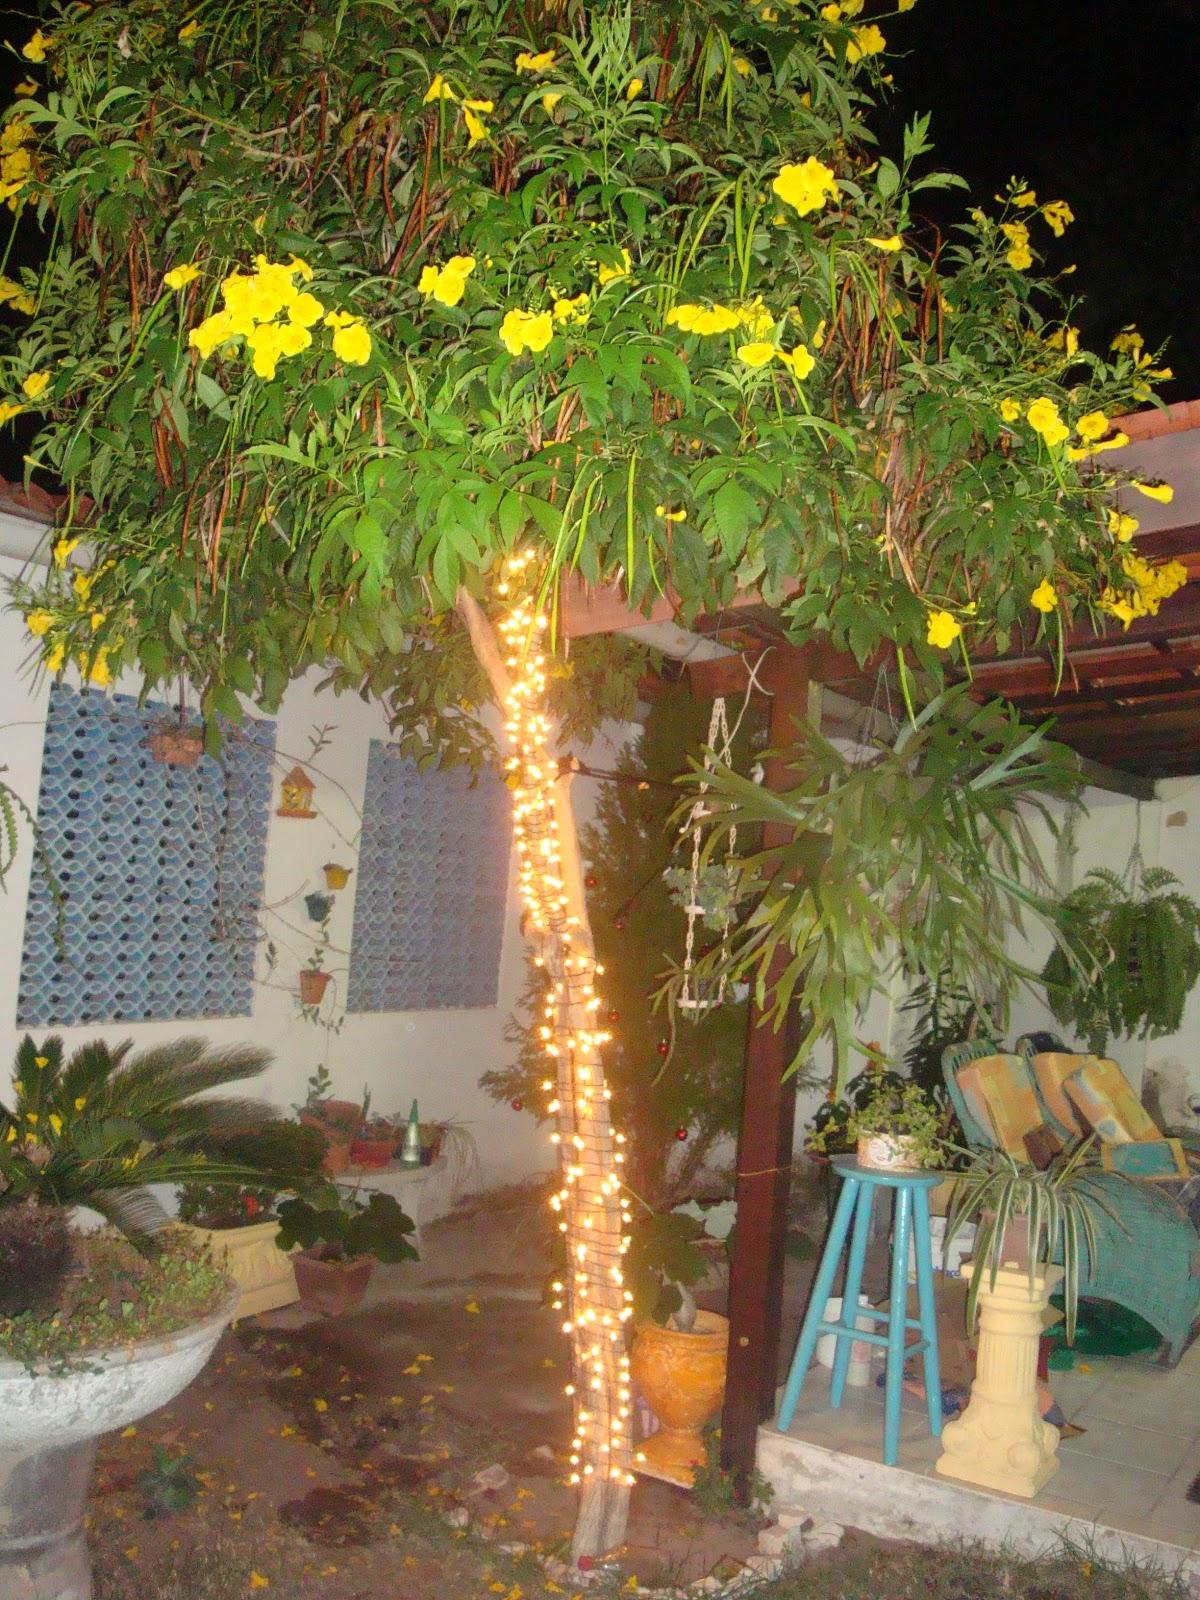 ipe de jardim familia: de ipê, e ficou bem legal, as luzes de natal deixam os jardins e